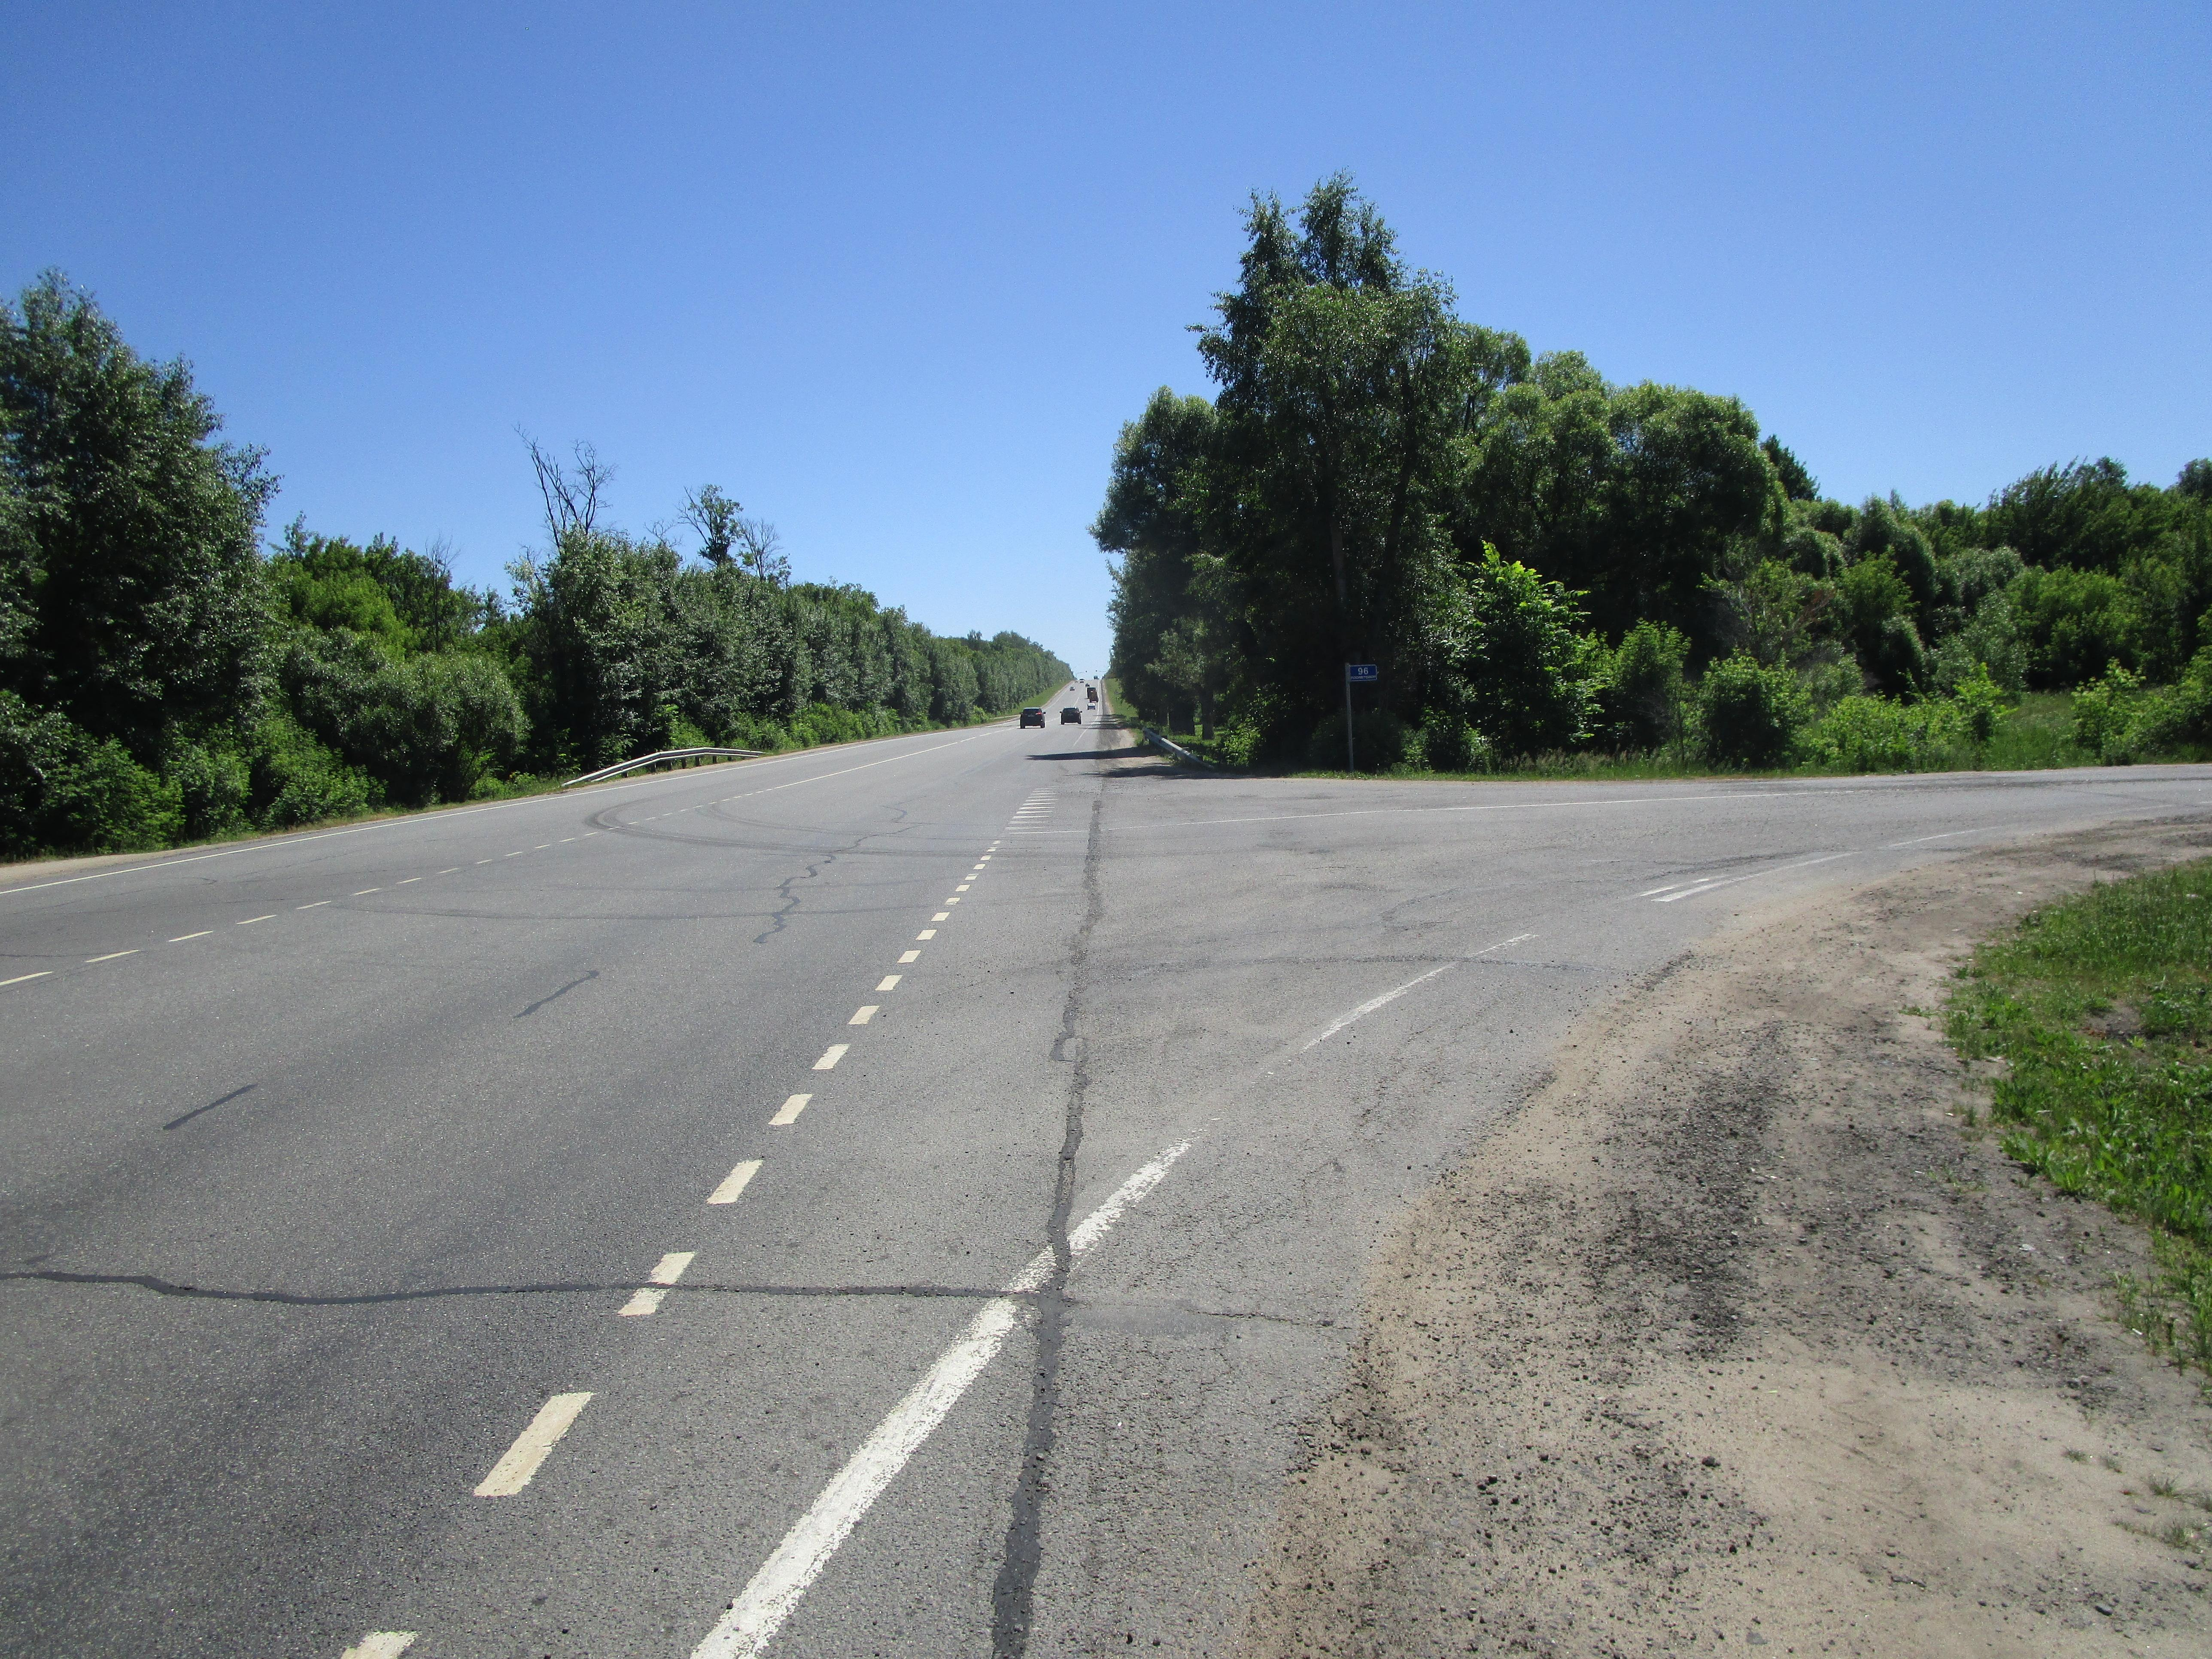 Баженов: Госадмтехнадзор добился устранения более 40 нарушений чистоты на дорогах Подмосковья в 17 муниципалитетах